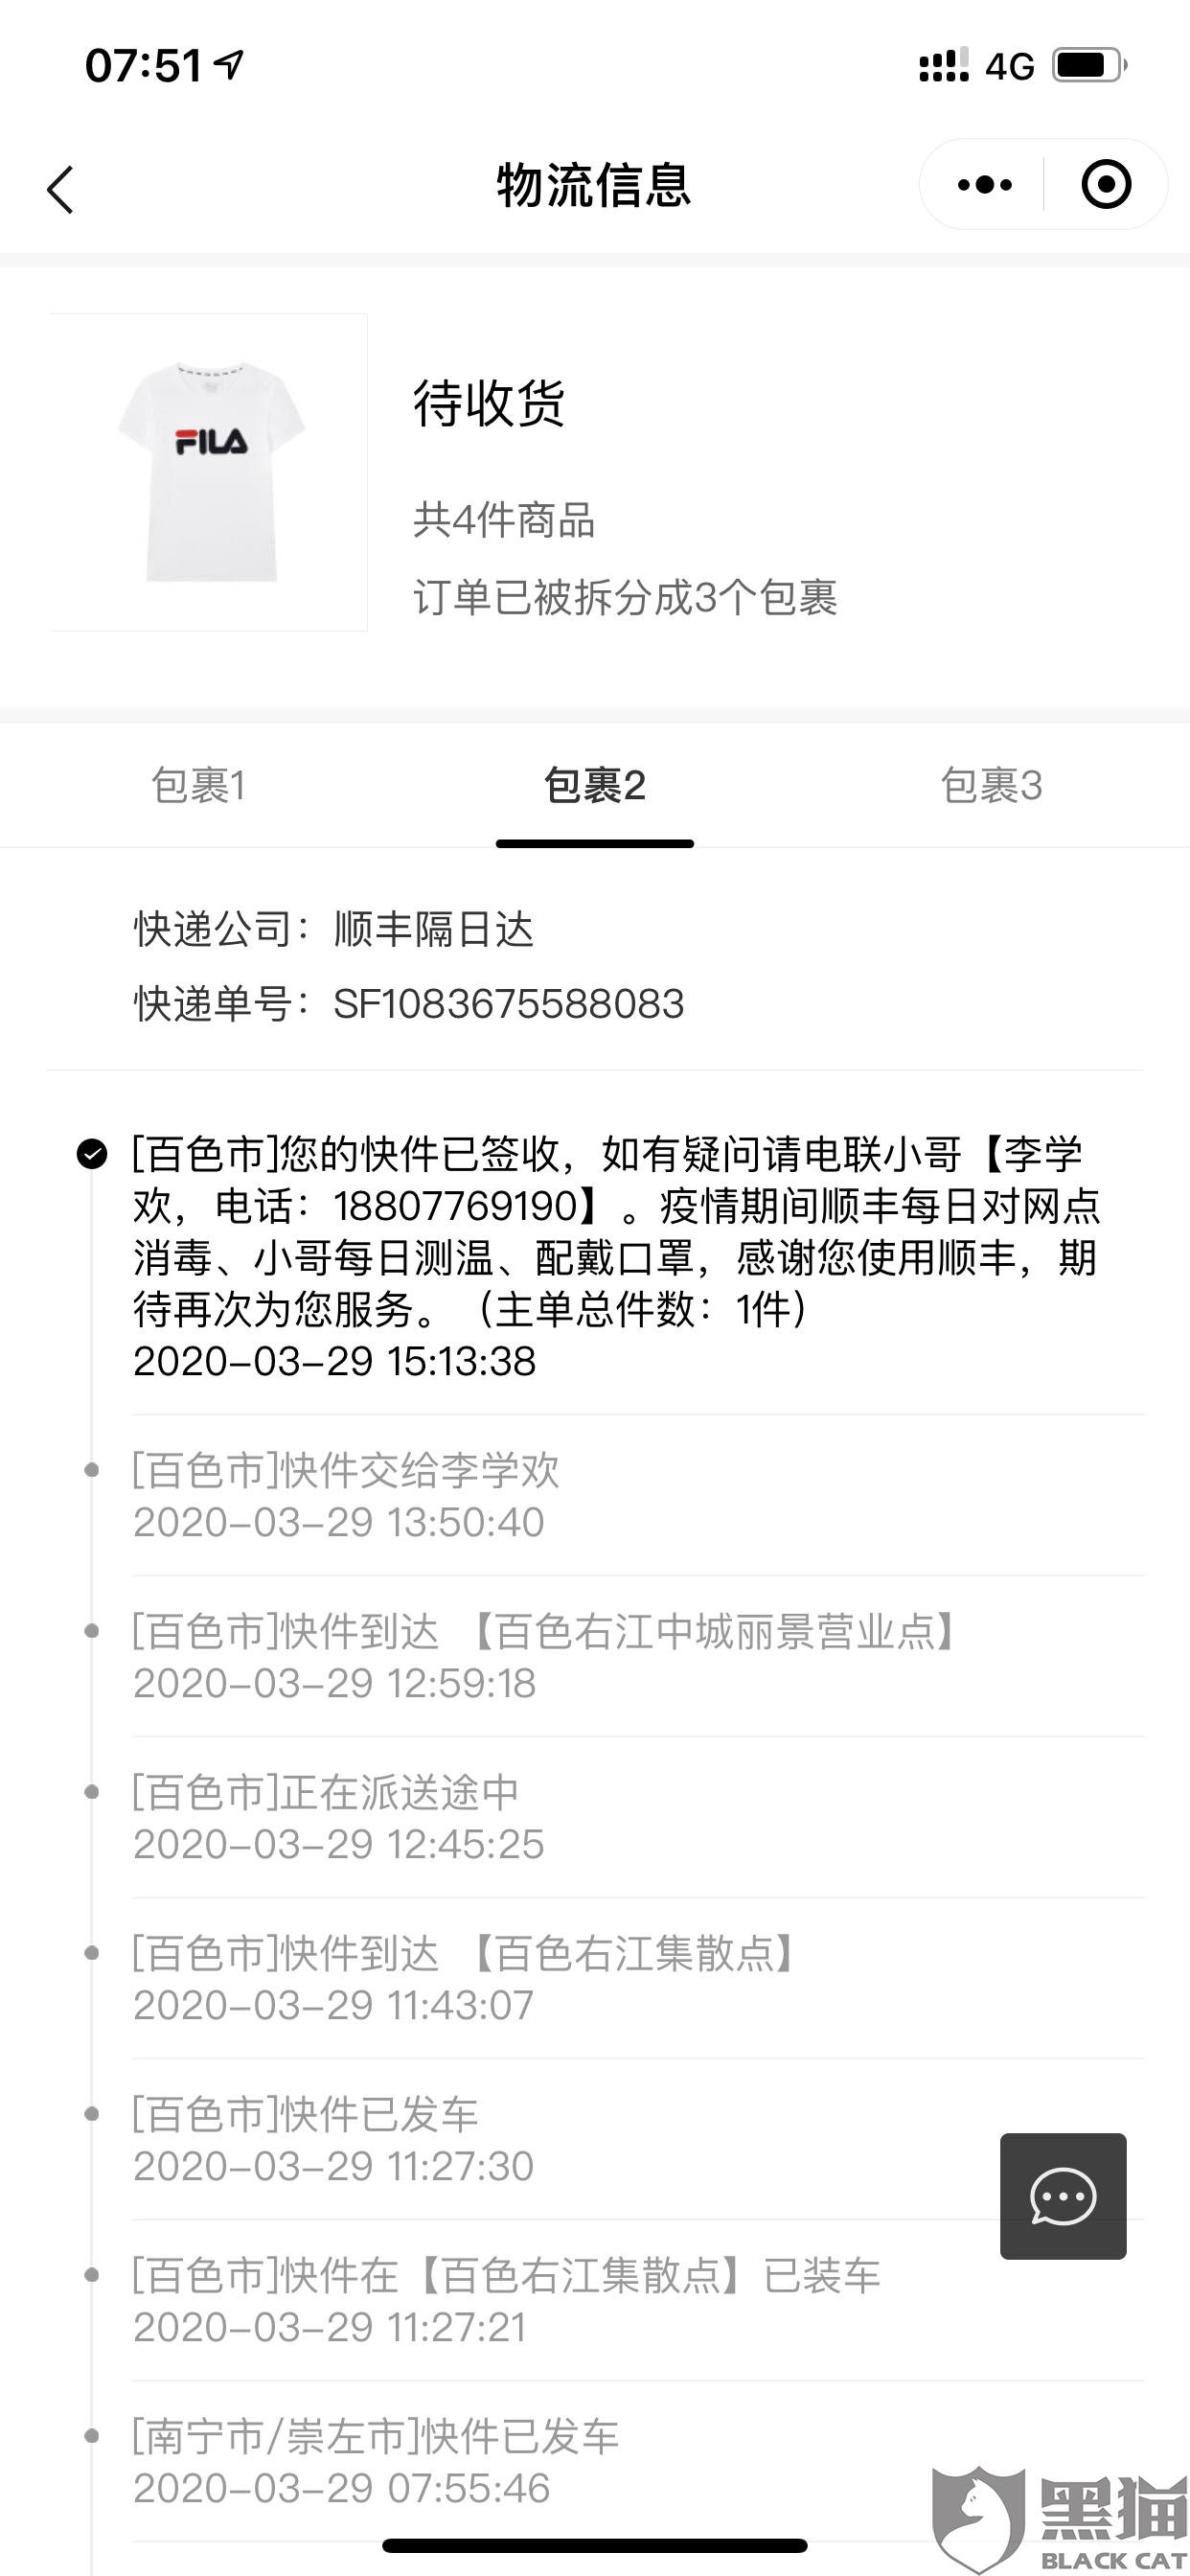 黑猫投诉:微信小程序FILA官网欺诈